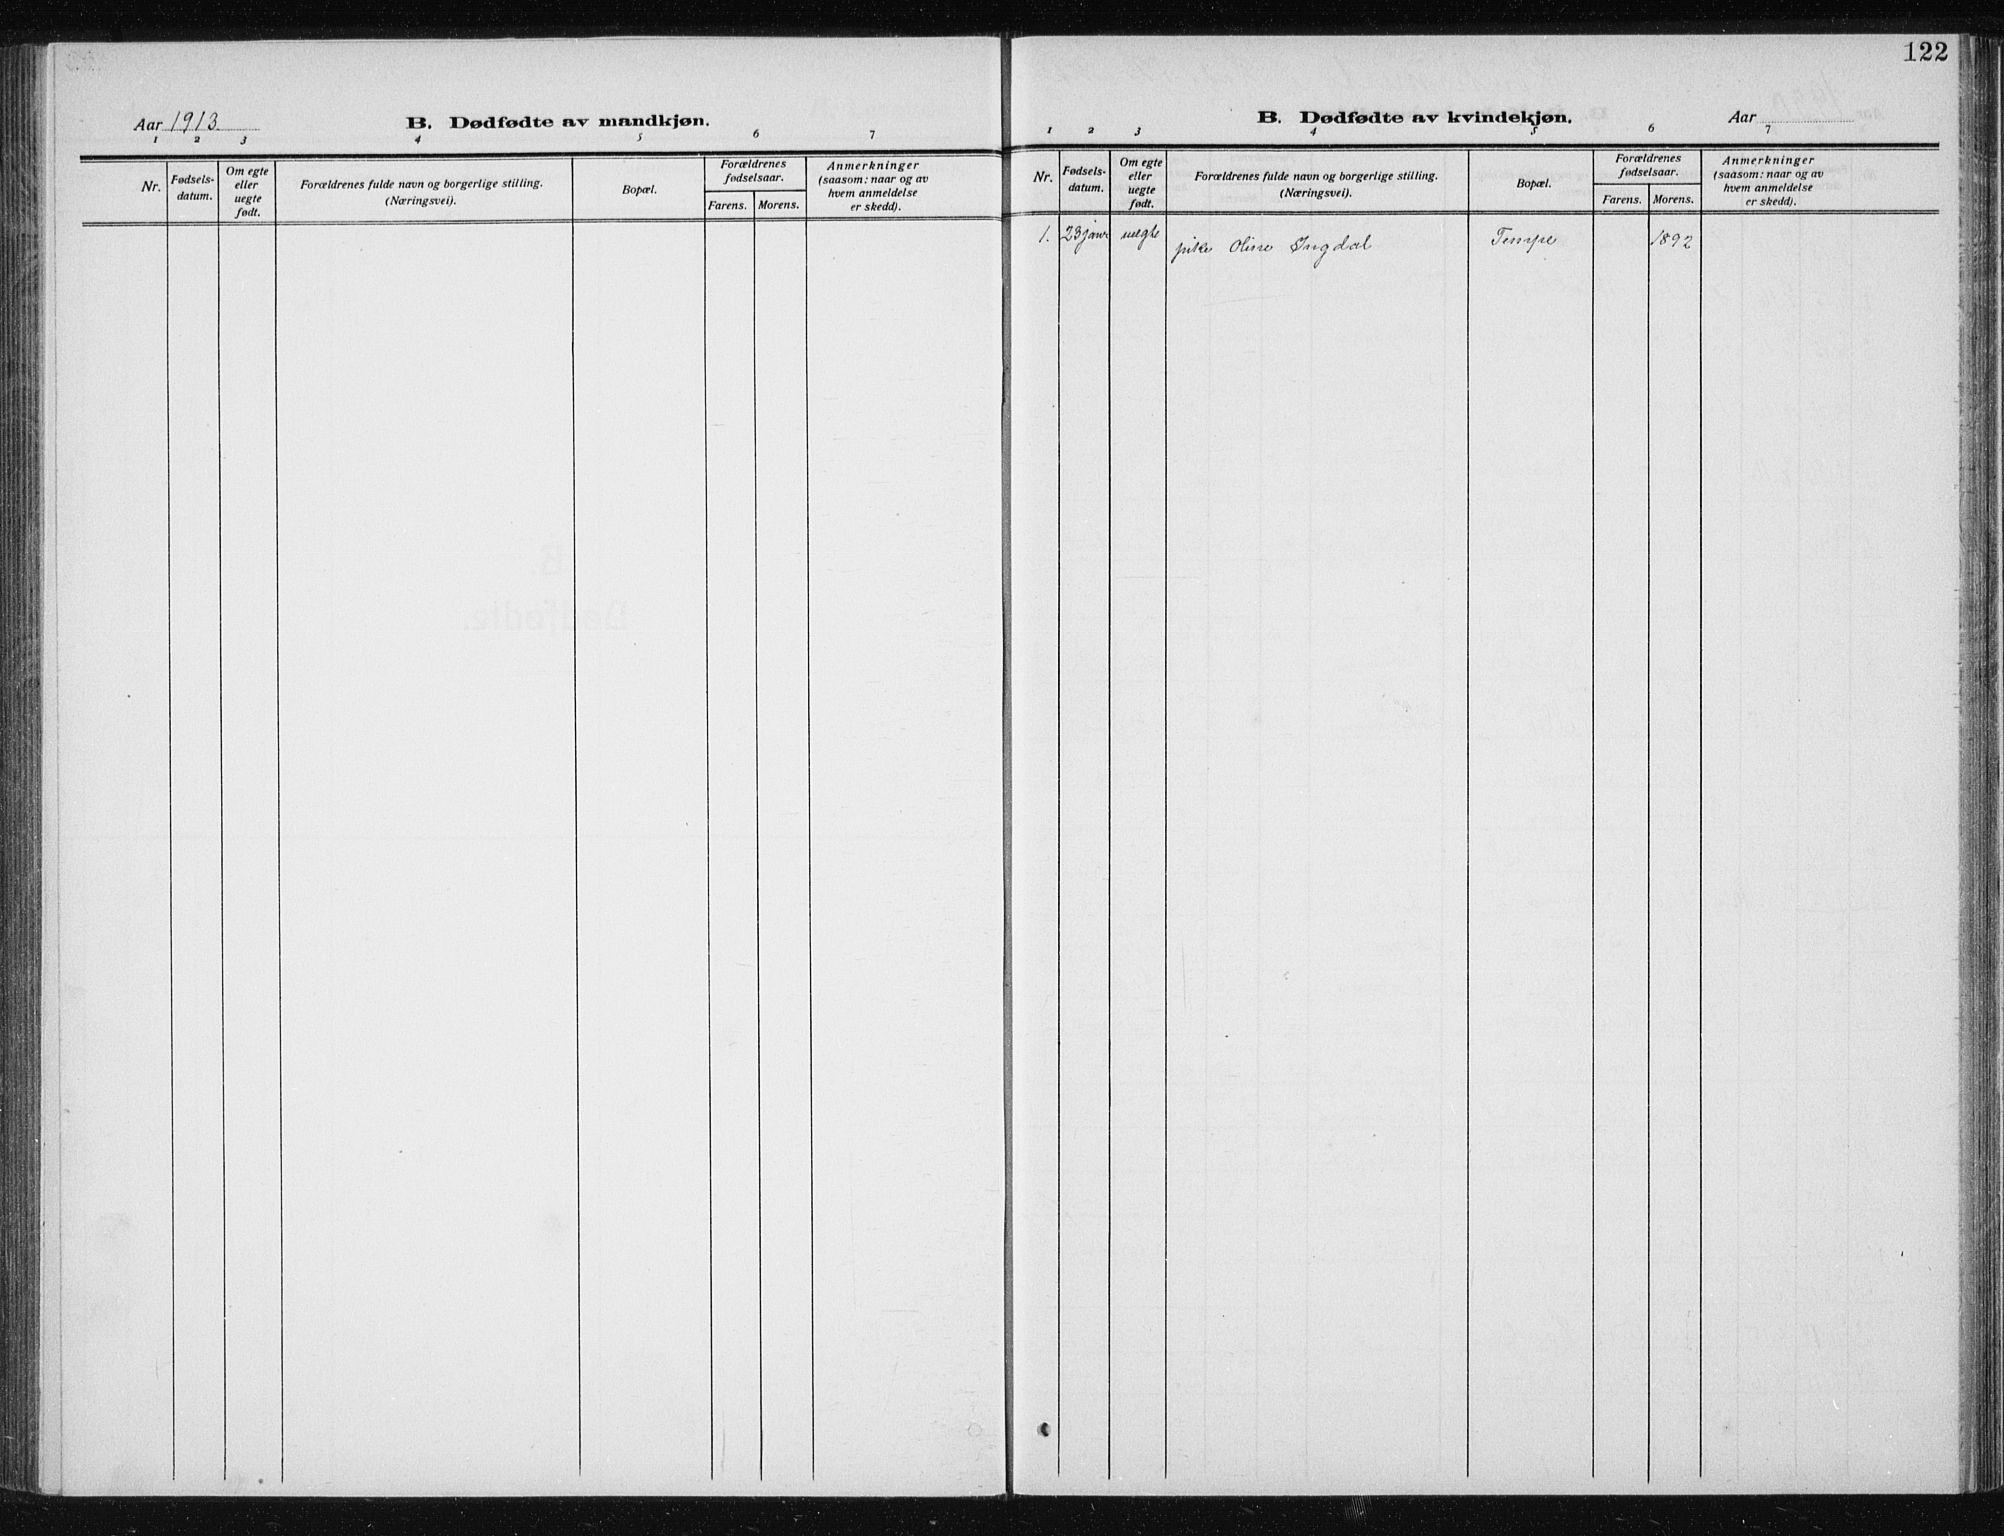 SAT, Ministerialprotokoller, klokkerbøker og fødselsregistre - Sør-Trøndelag, 606/L0314: Klokkerbok nr. 606C10, 1911-1937, s. 122